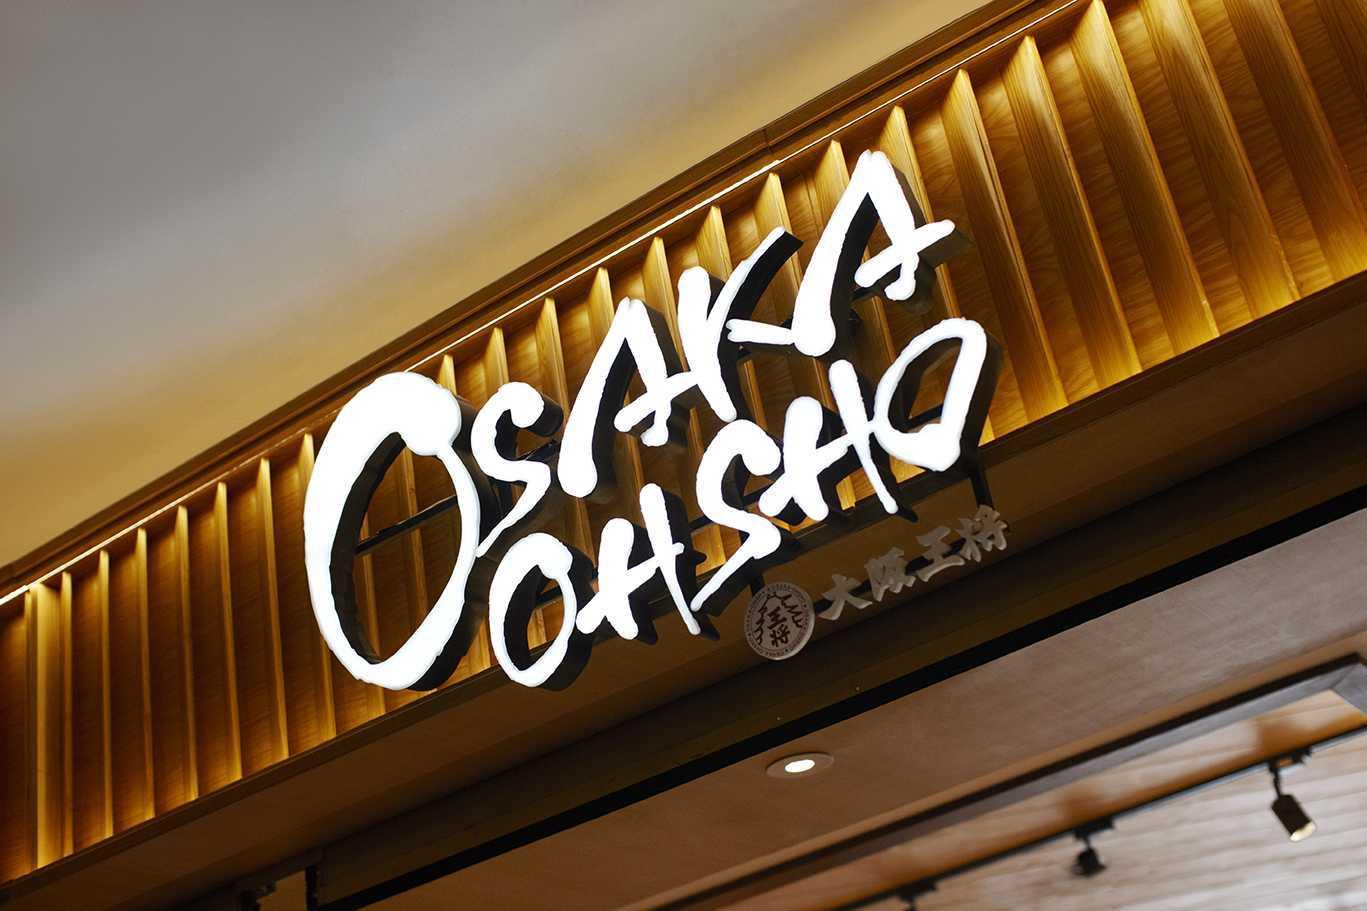 Highstreet Osaka Ohsho Jalan M.h. Thamrin No.1, Menteng, Kebon Melati, Kb. Melati, Tanah Abang, Kota Jakarta Pusat, Daerah Khusus Ibukota Jakarta 10310, Indonesia  Exterior View  54120